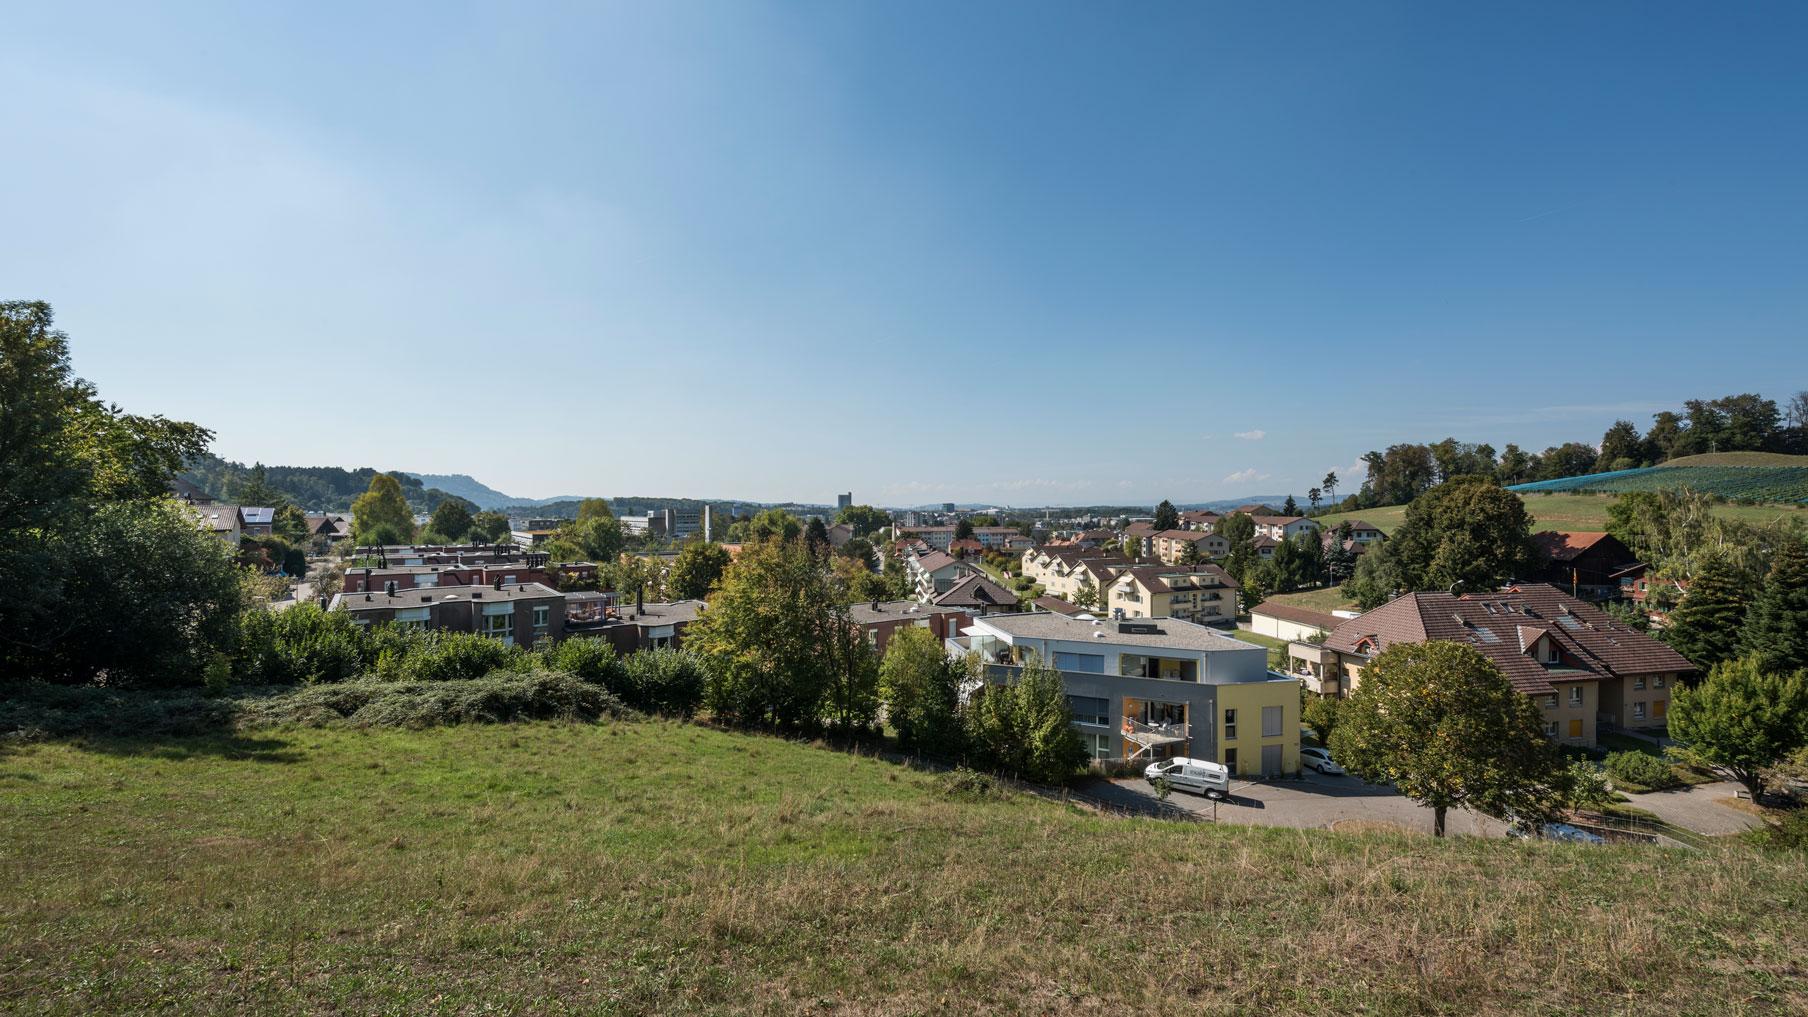 Grundstück Plateaux de Berne in Ostermundigen